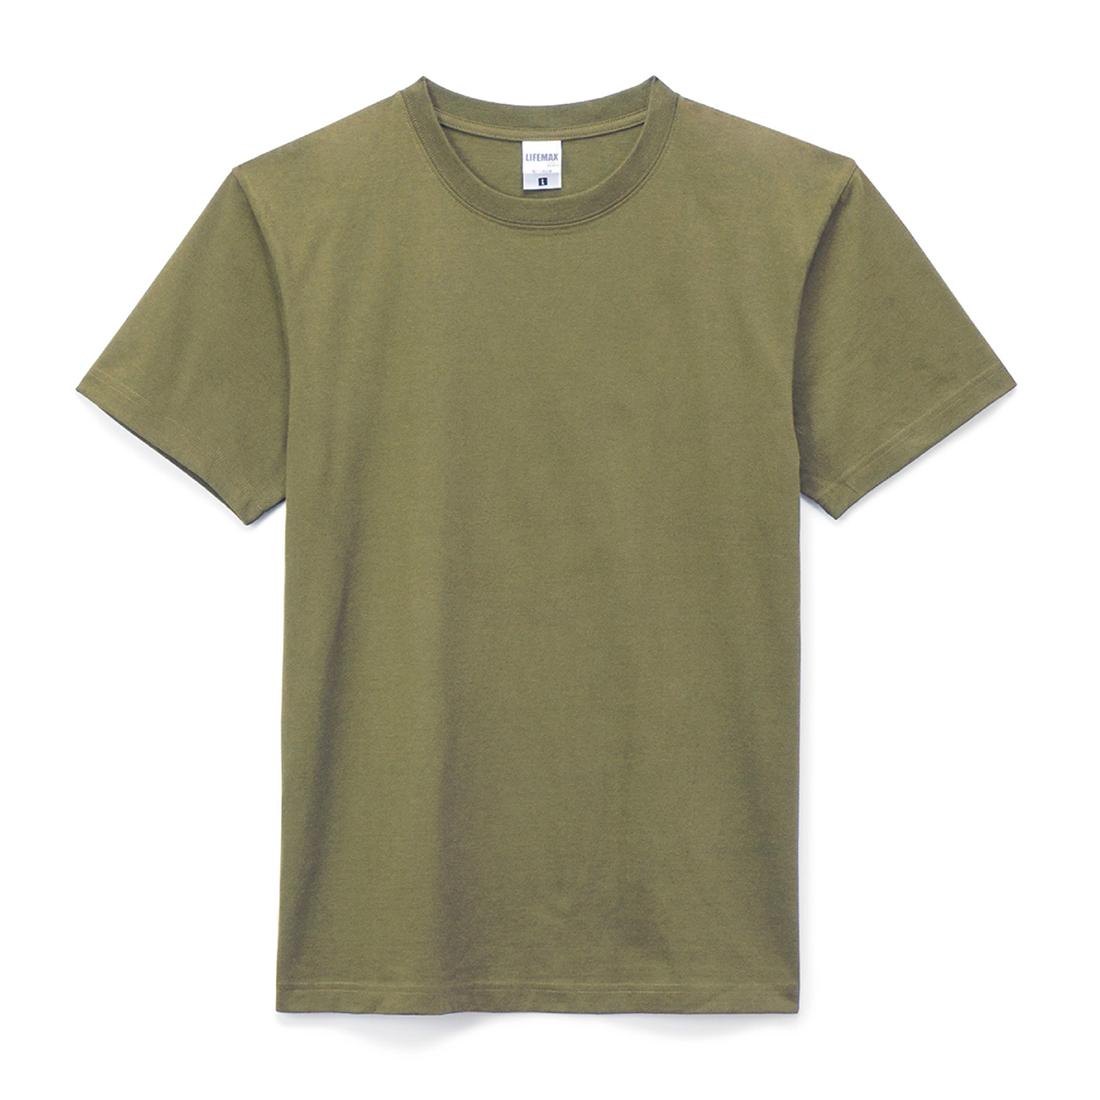 Tシャツ カーキ